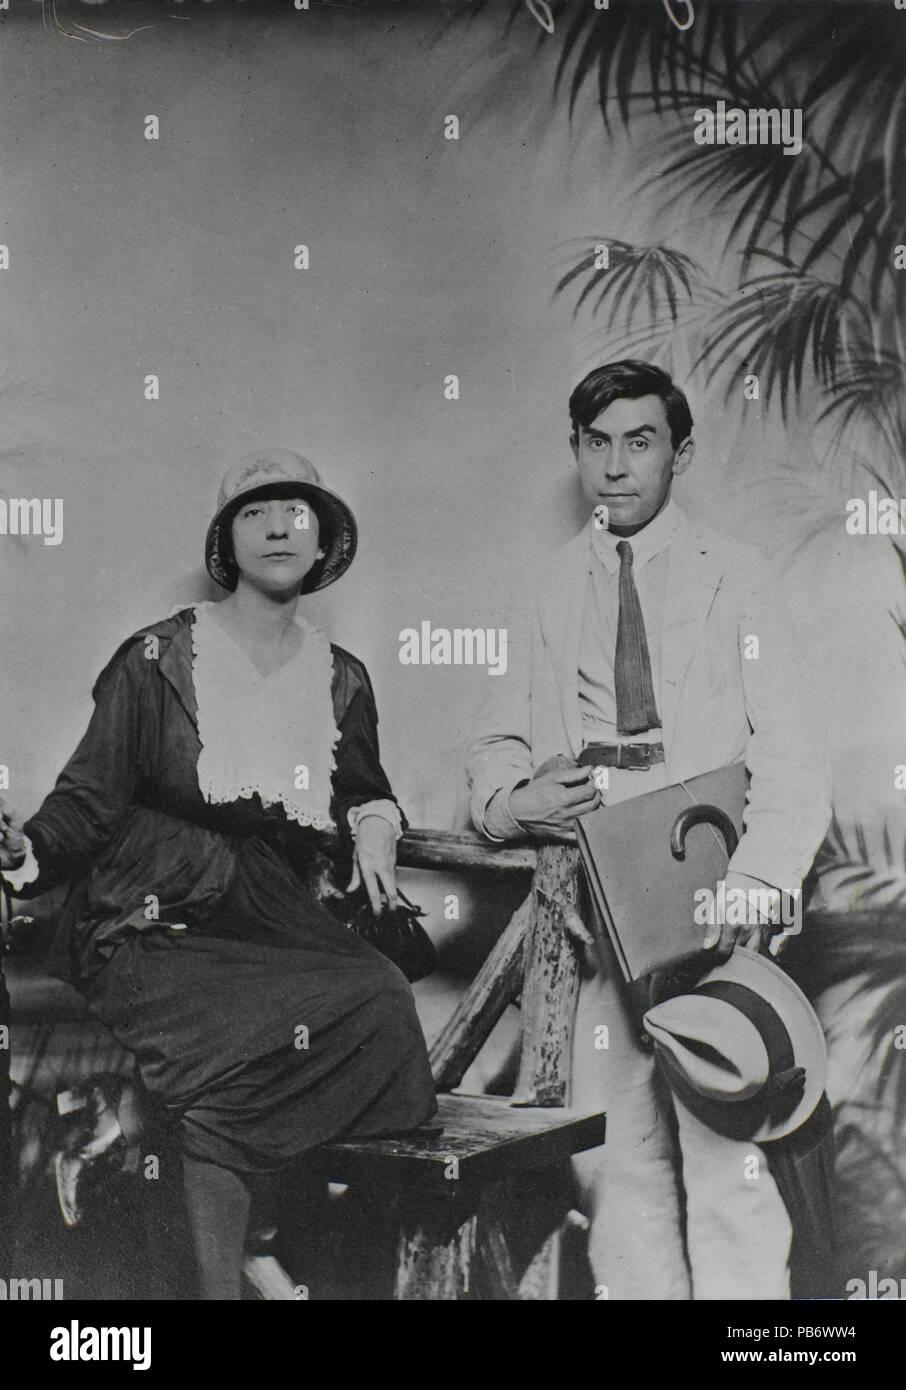 848 Juliette Roche and Albert Gleizes, New York, 1915, Centre Pompidou, Musée national d'art moderne, Bibliothèque Kandinsky (fonds Gleizes) - Stock Image